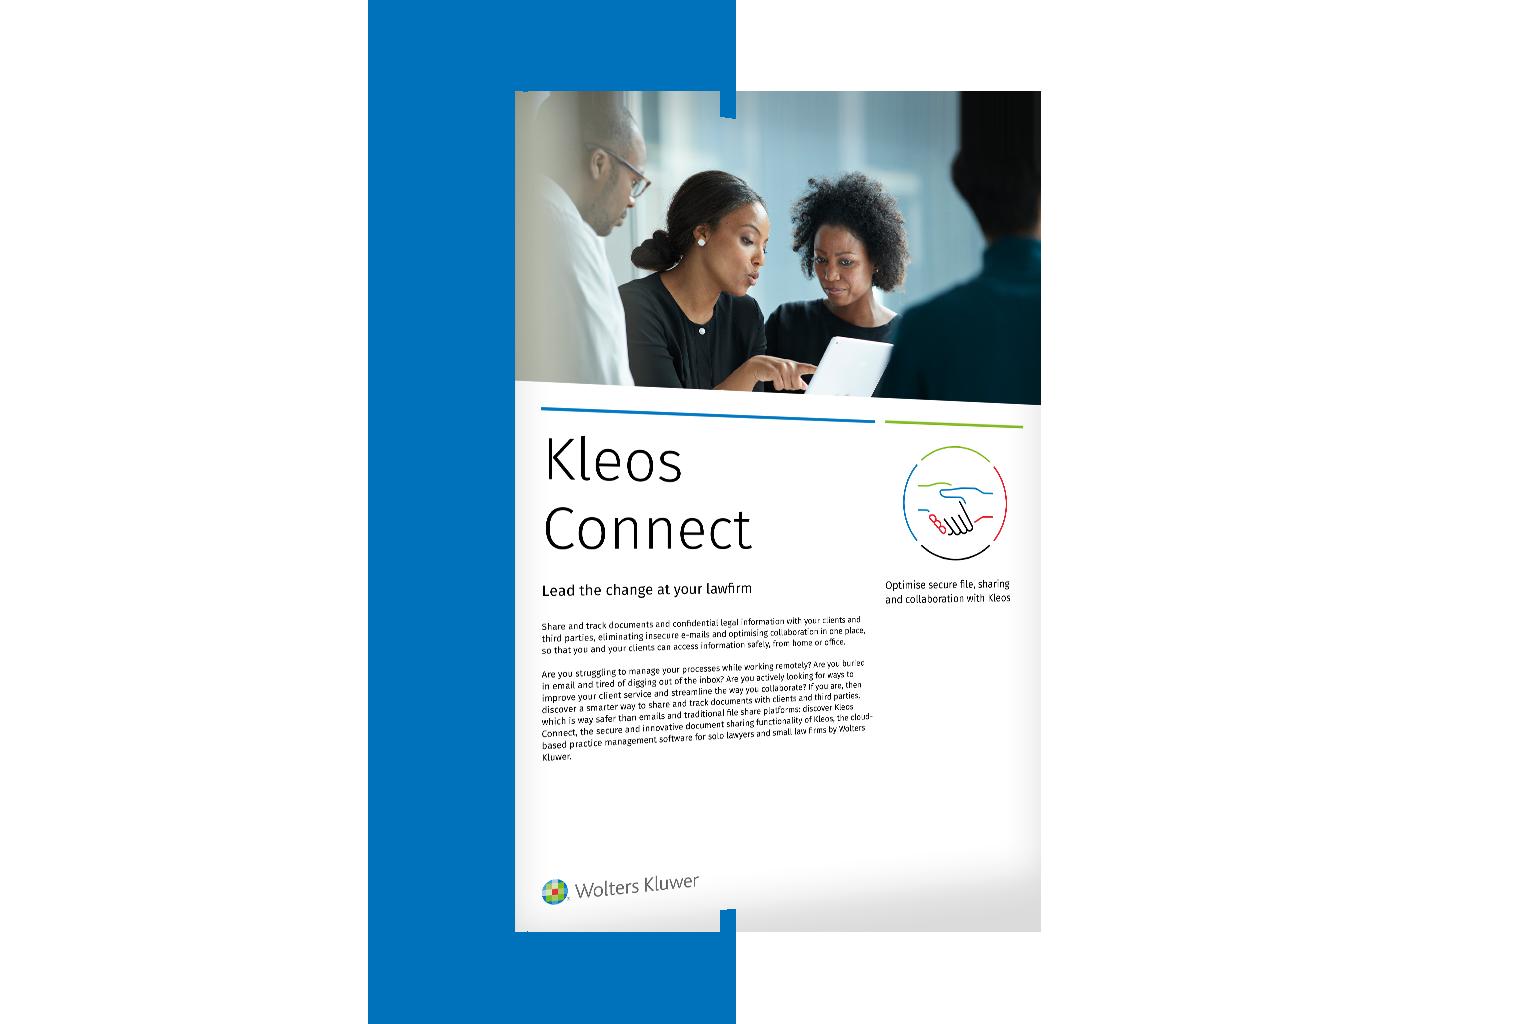 Kleos-Connect-EN-EU-1536x1024